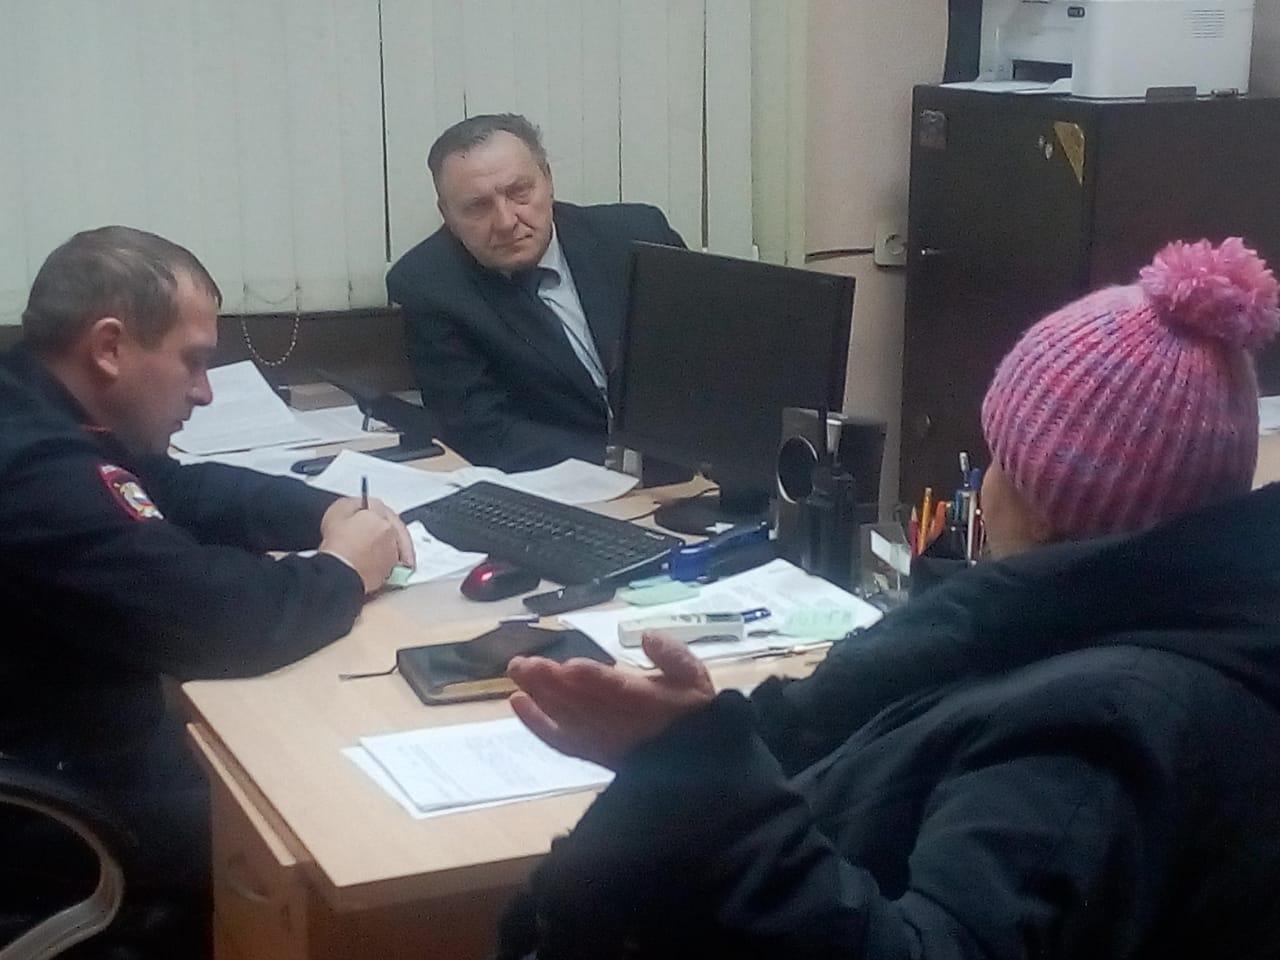 Начальник ОМВД России по району Бирюлёво Восточное г. Москвы вместе с председателем Общественного совета при УВД по ЮАО приняли участие в Едином дне приёма населения